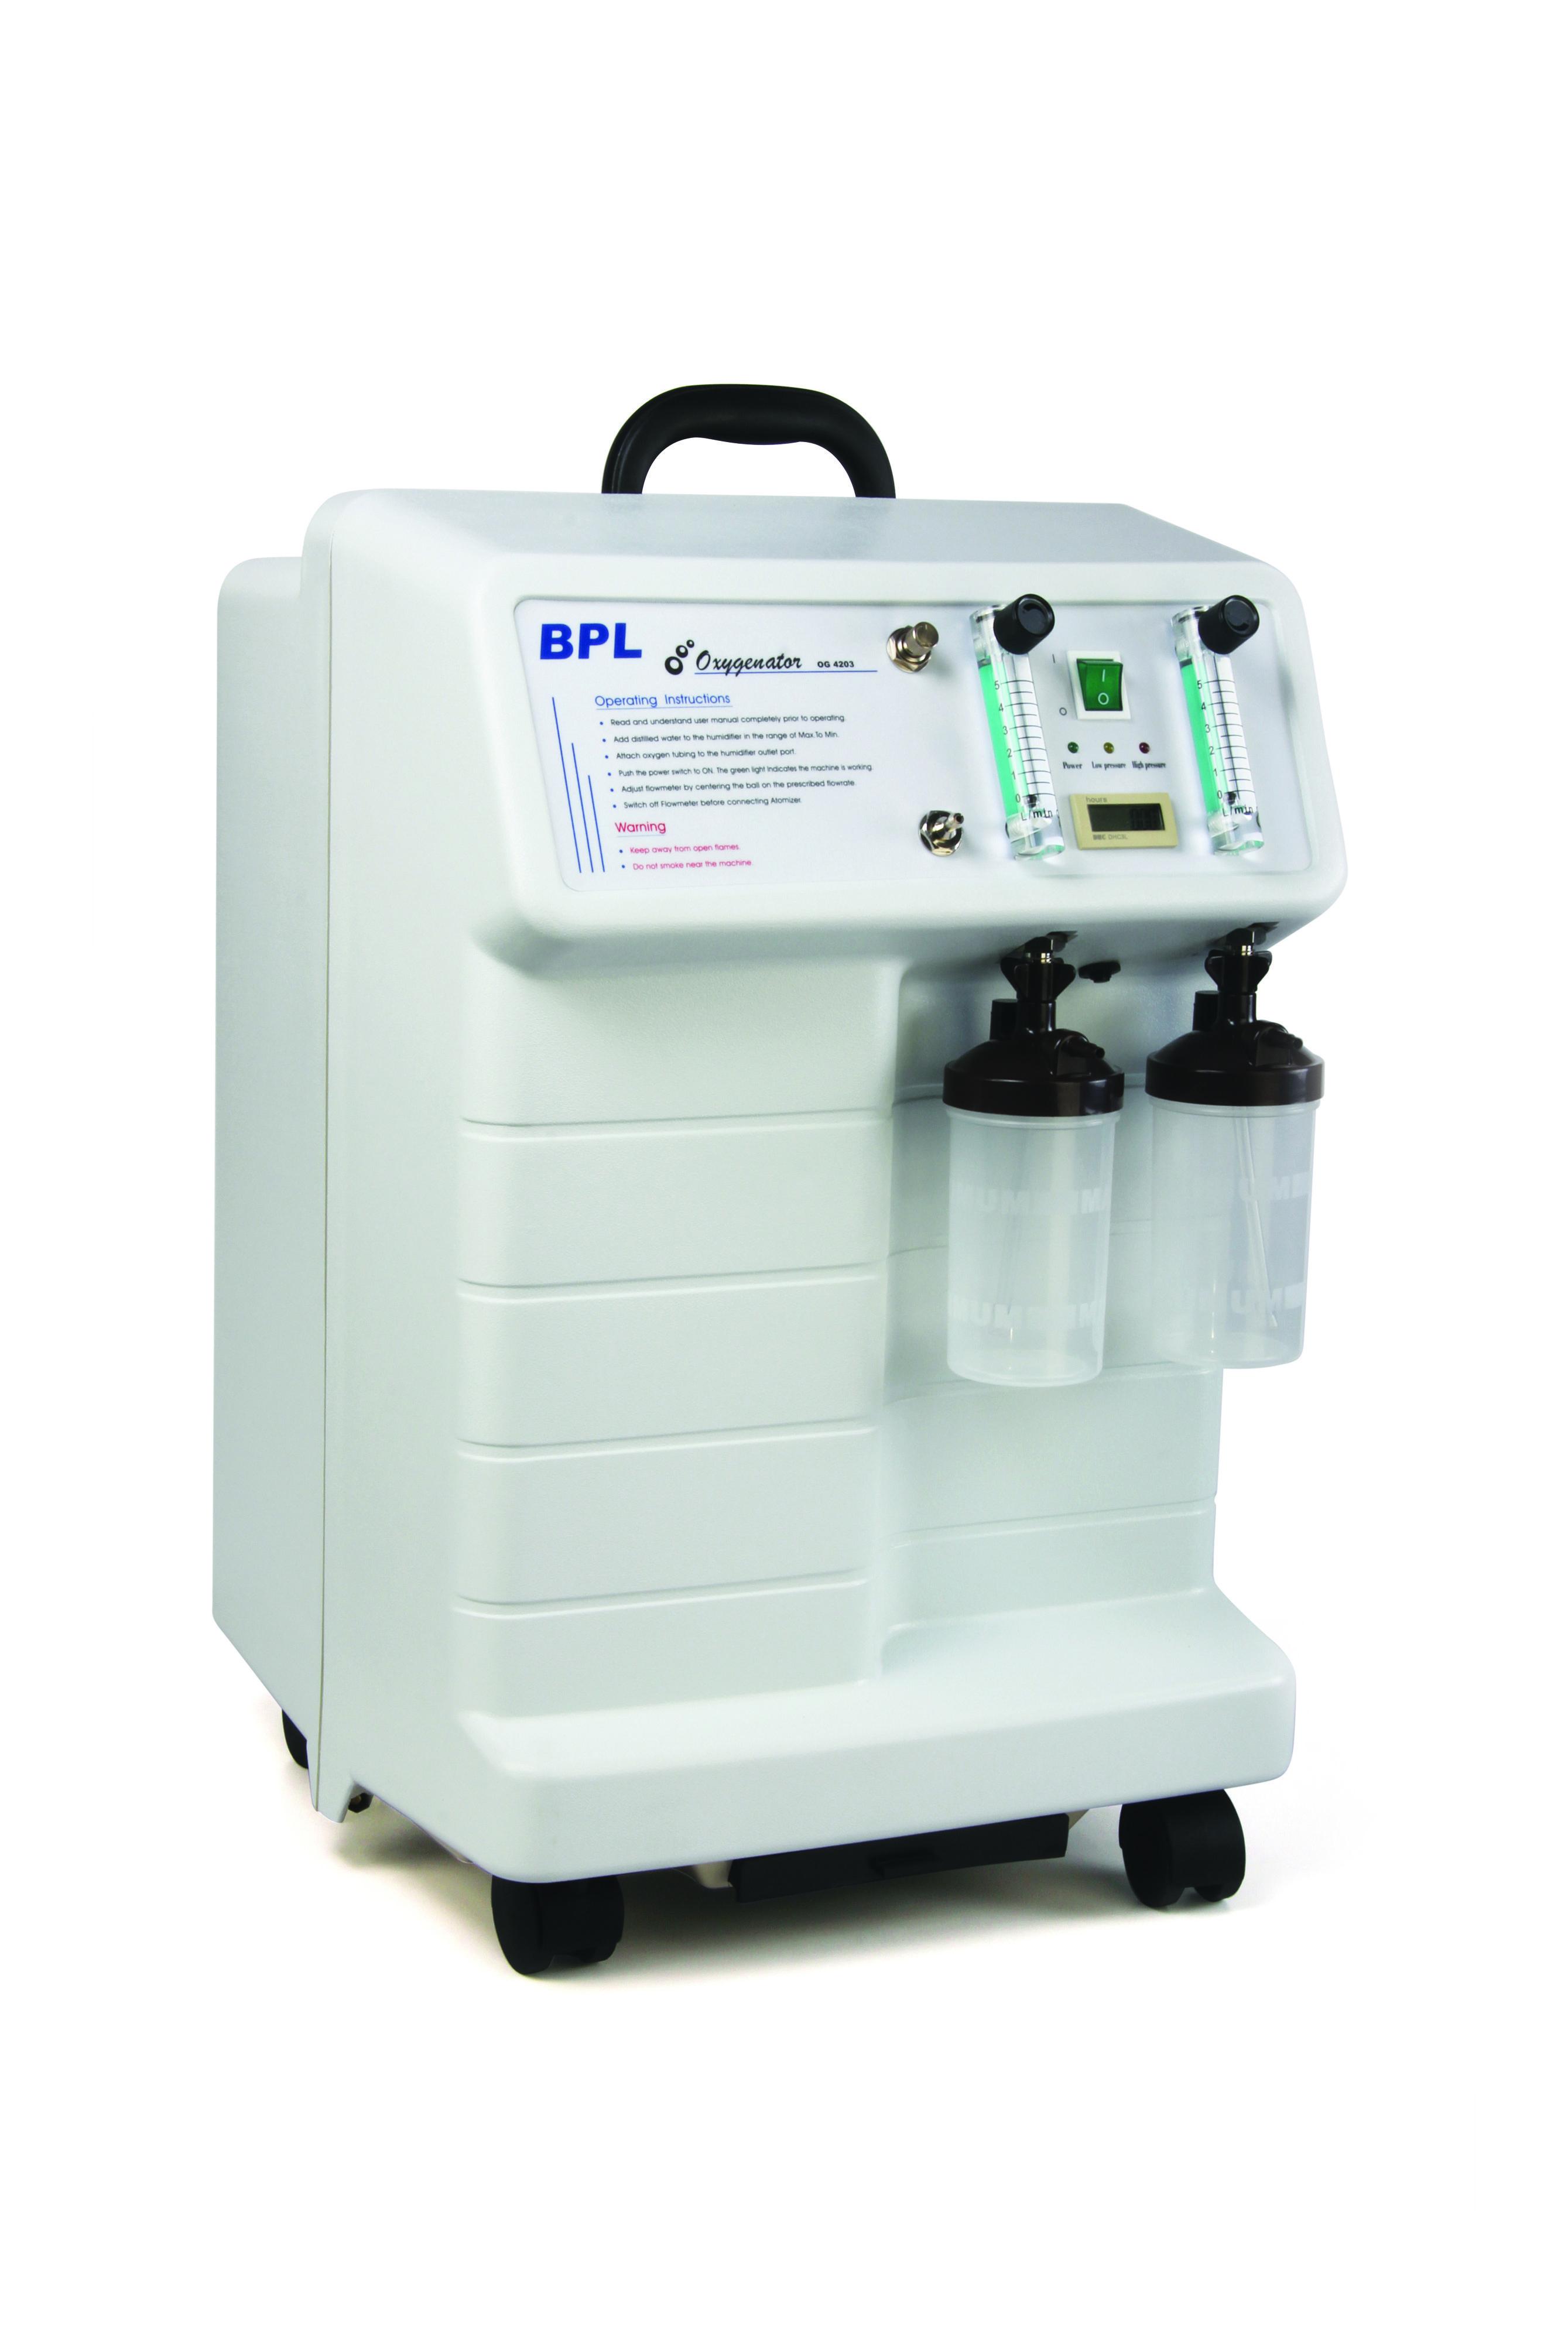 og 4203 an oxygen concentrator from bpl mefdical technologies